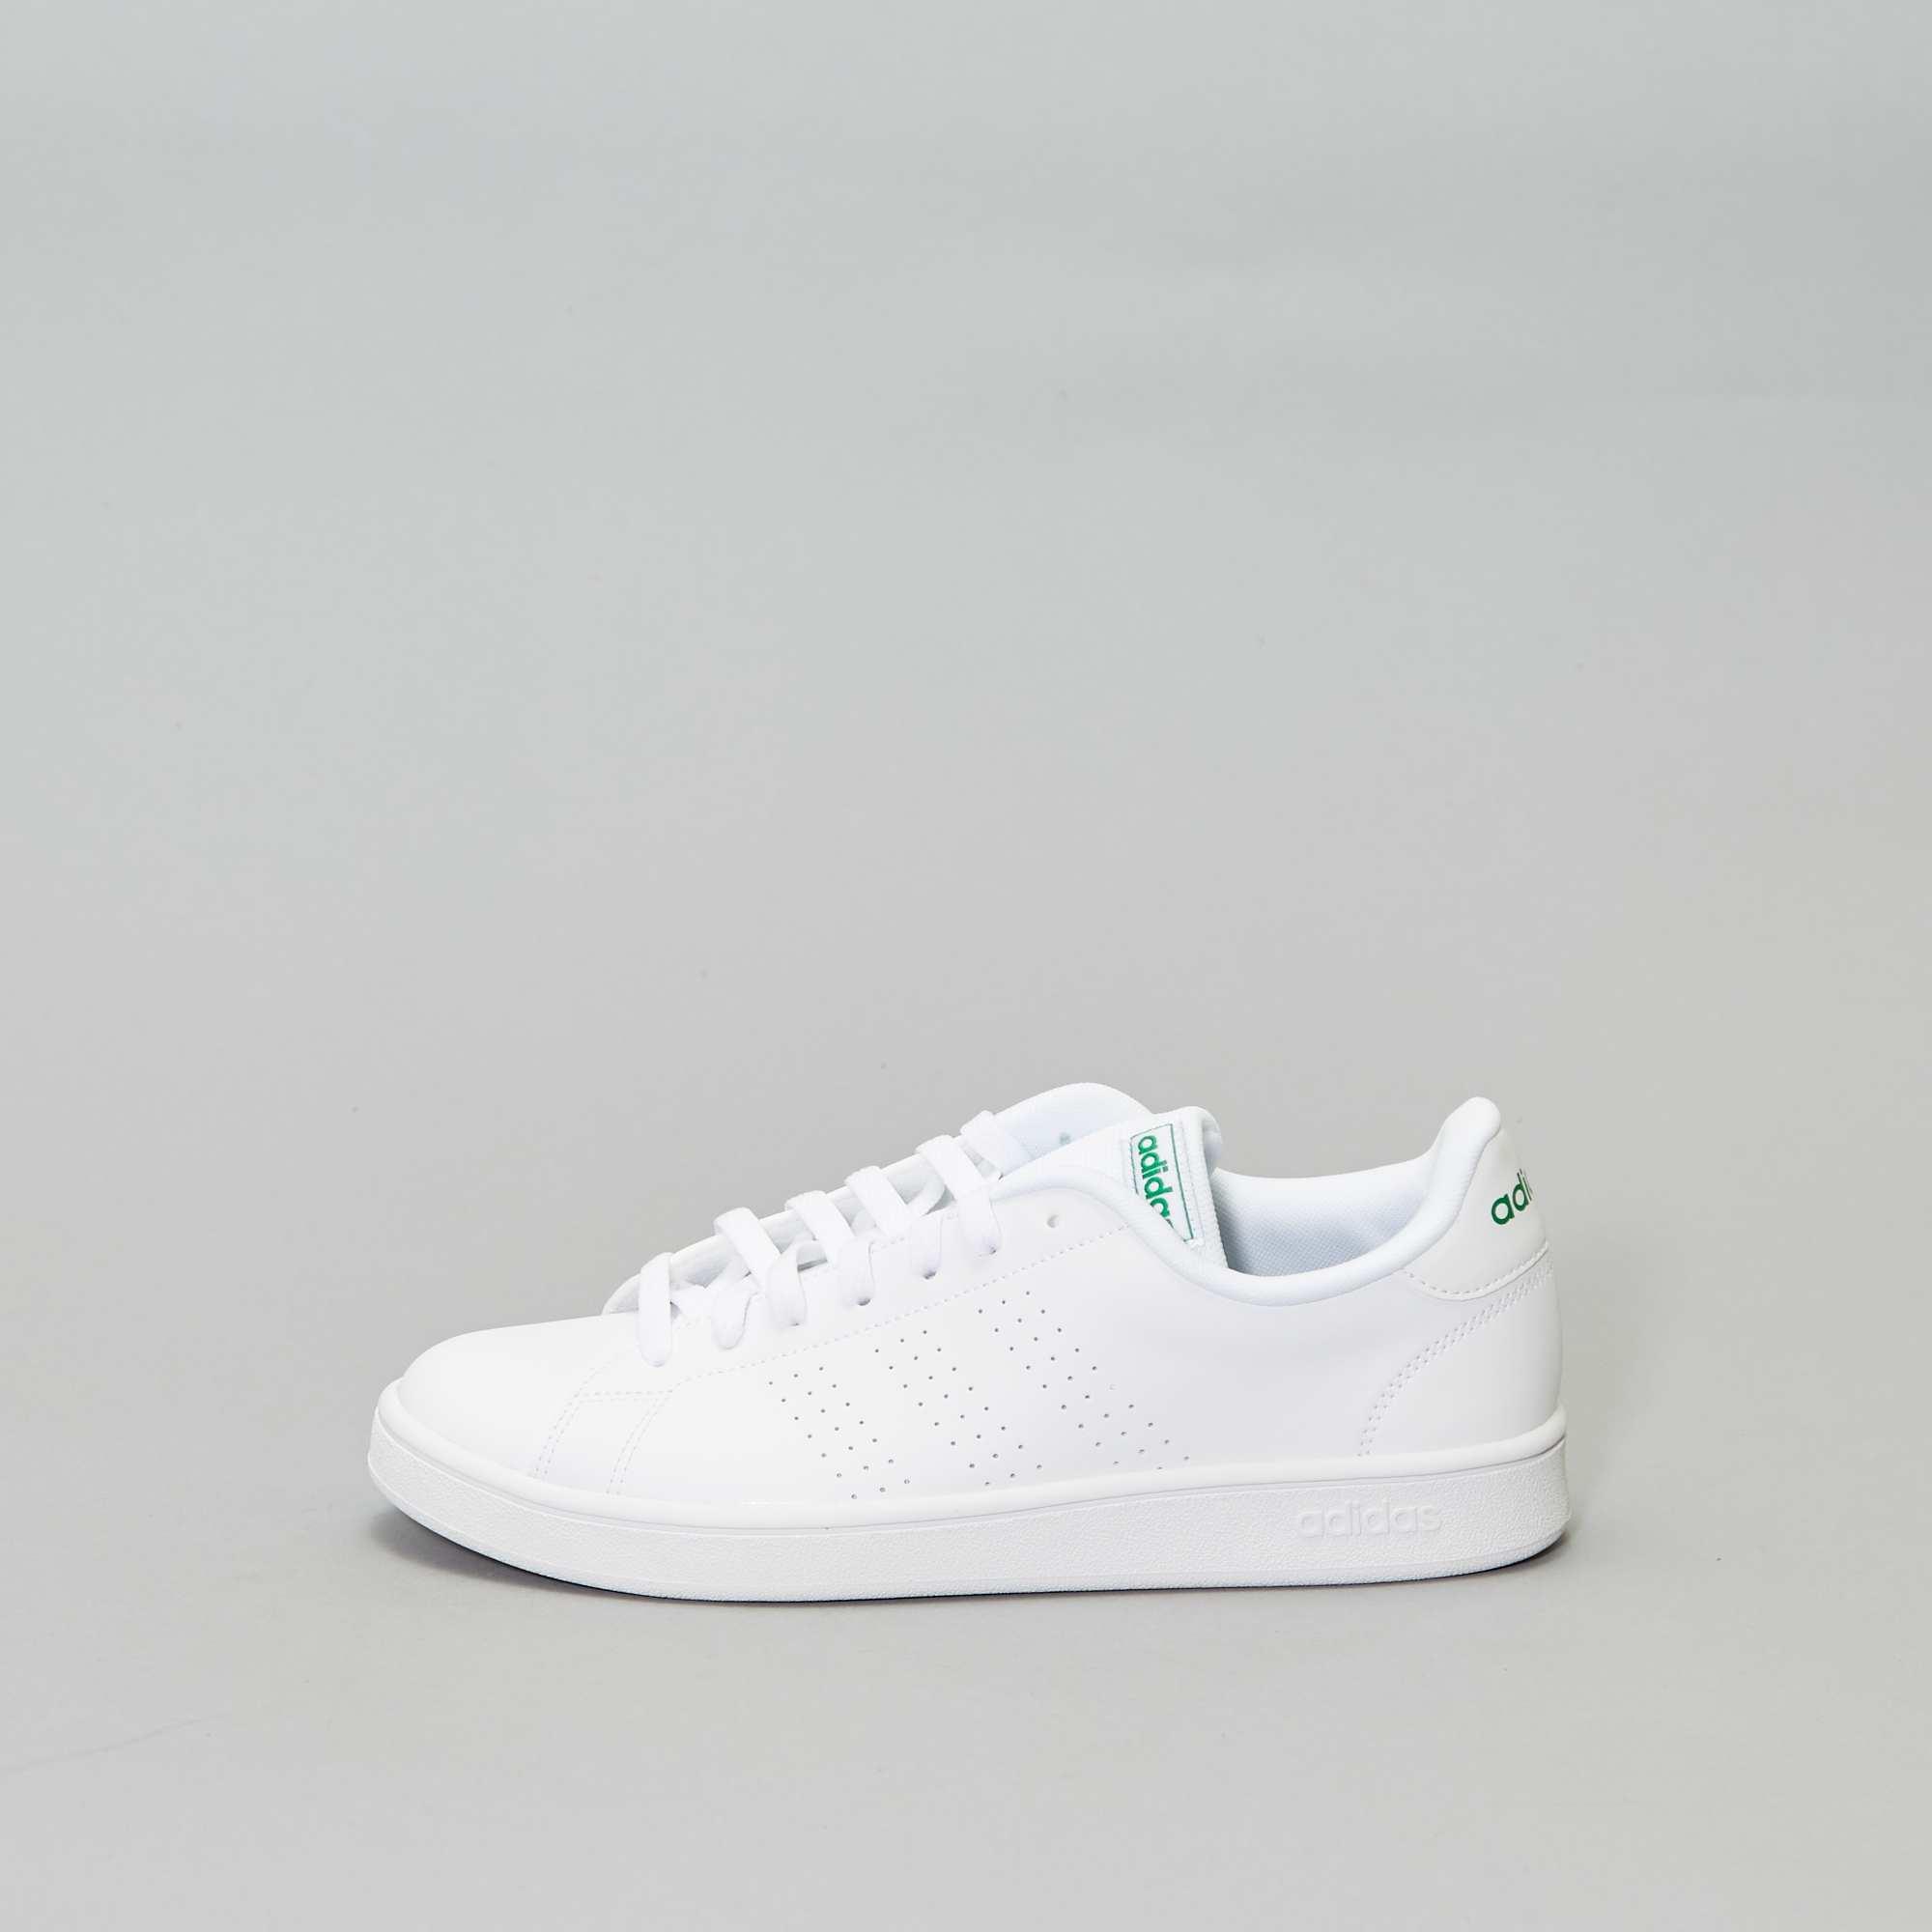 scarpe da adidas uomo